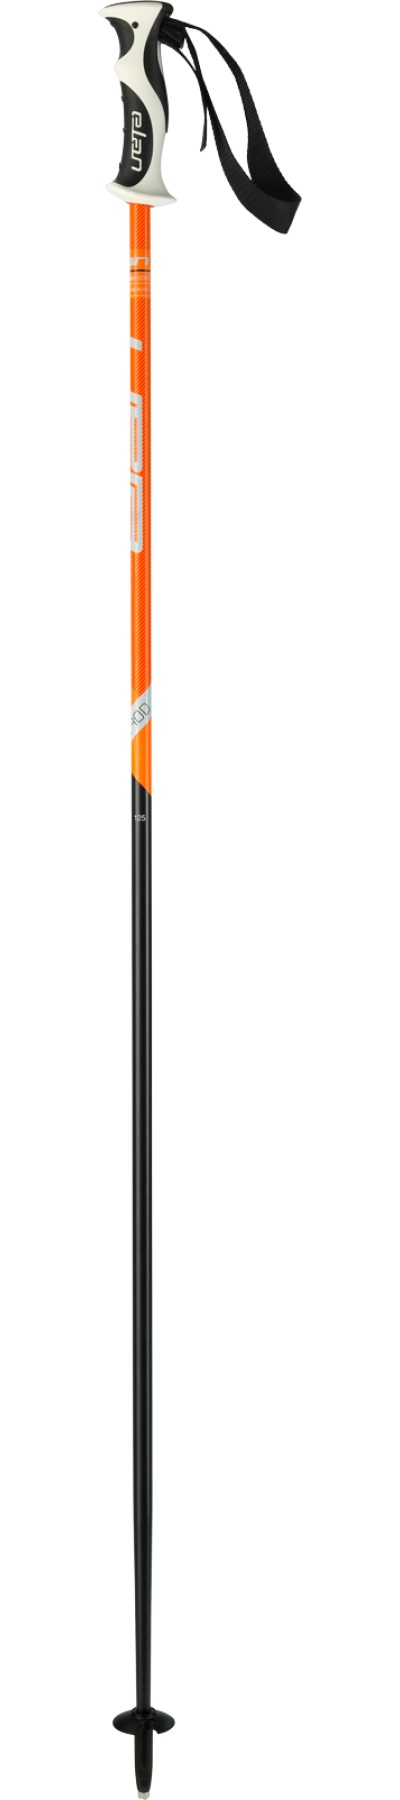 Горнолыжные палки Elan 2017-18 SP HOTrod F.ORANGE (см:120) - артикул: 979590420